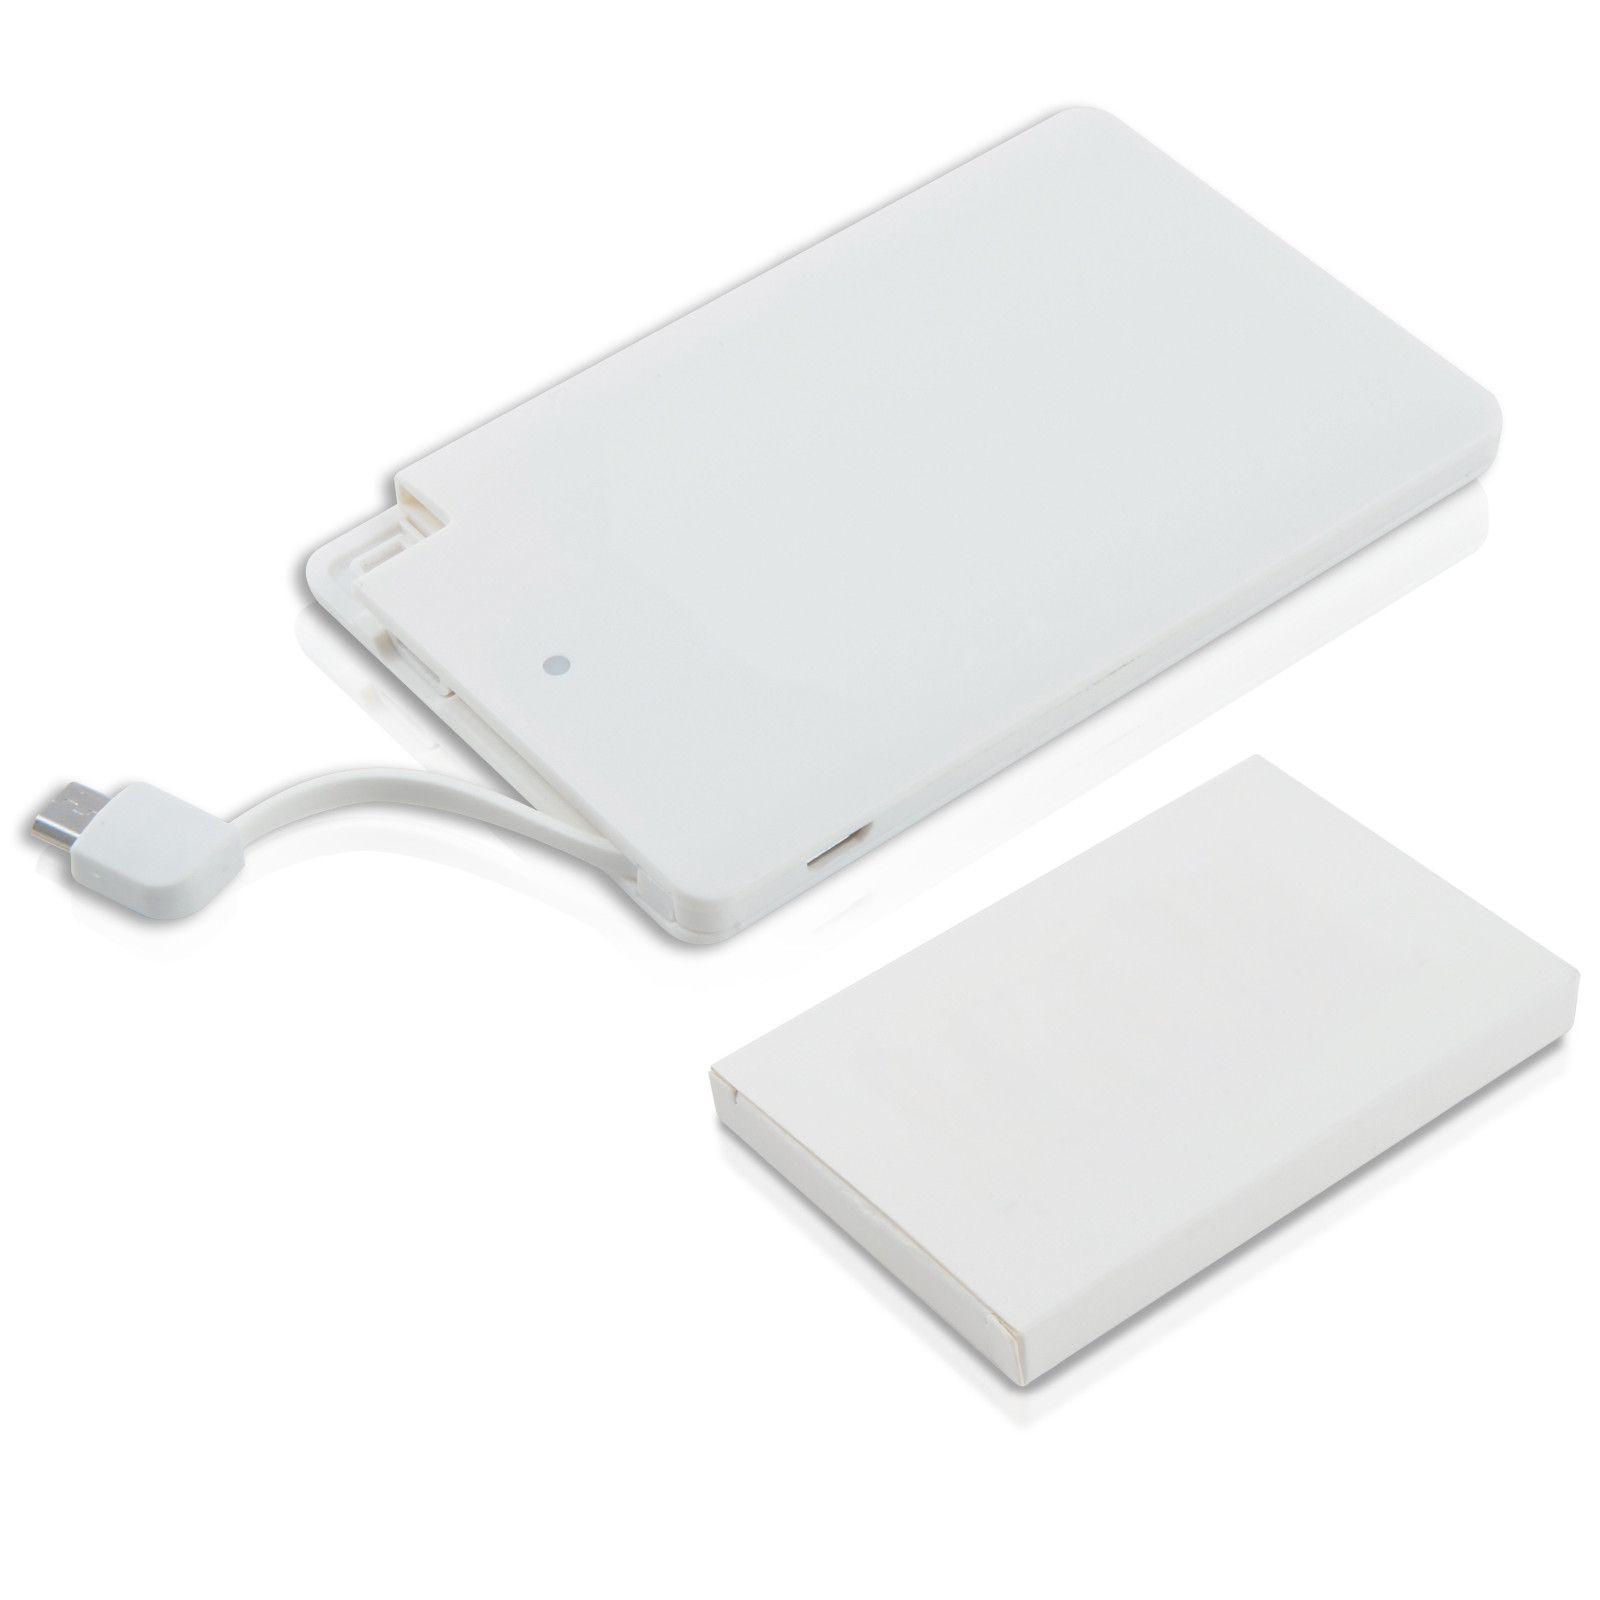 Внешний аккумулятор Card 2500 mAh